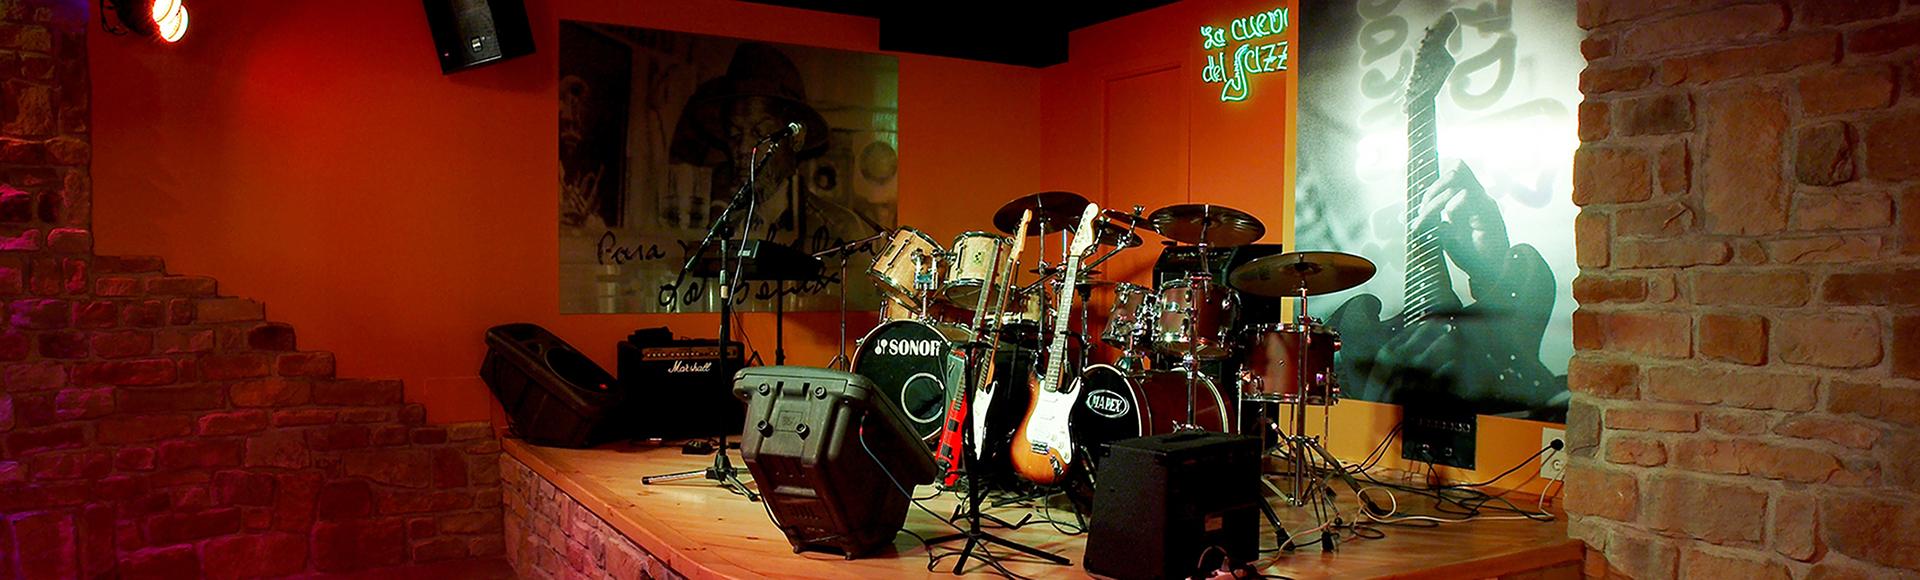 La Cueva del Jazz En Vivo